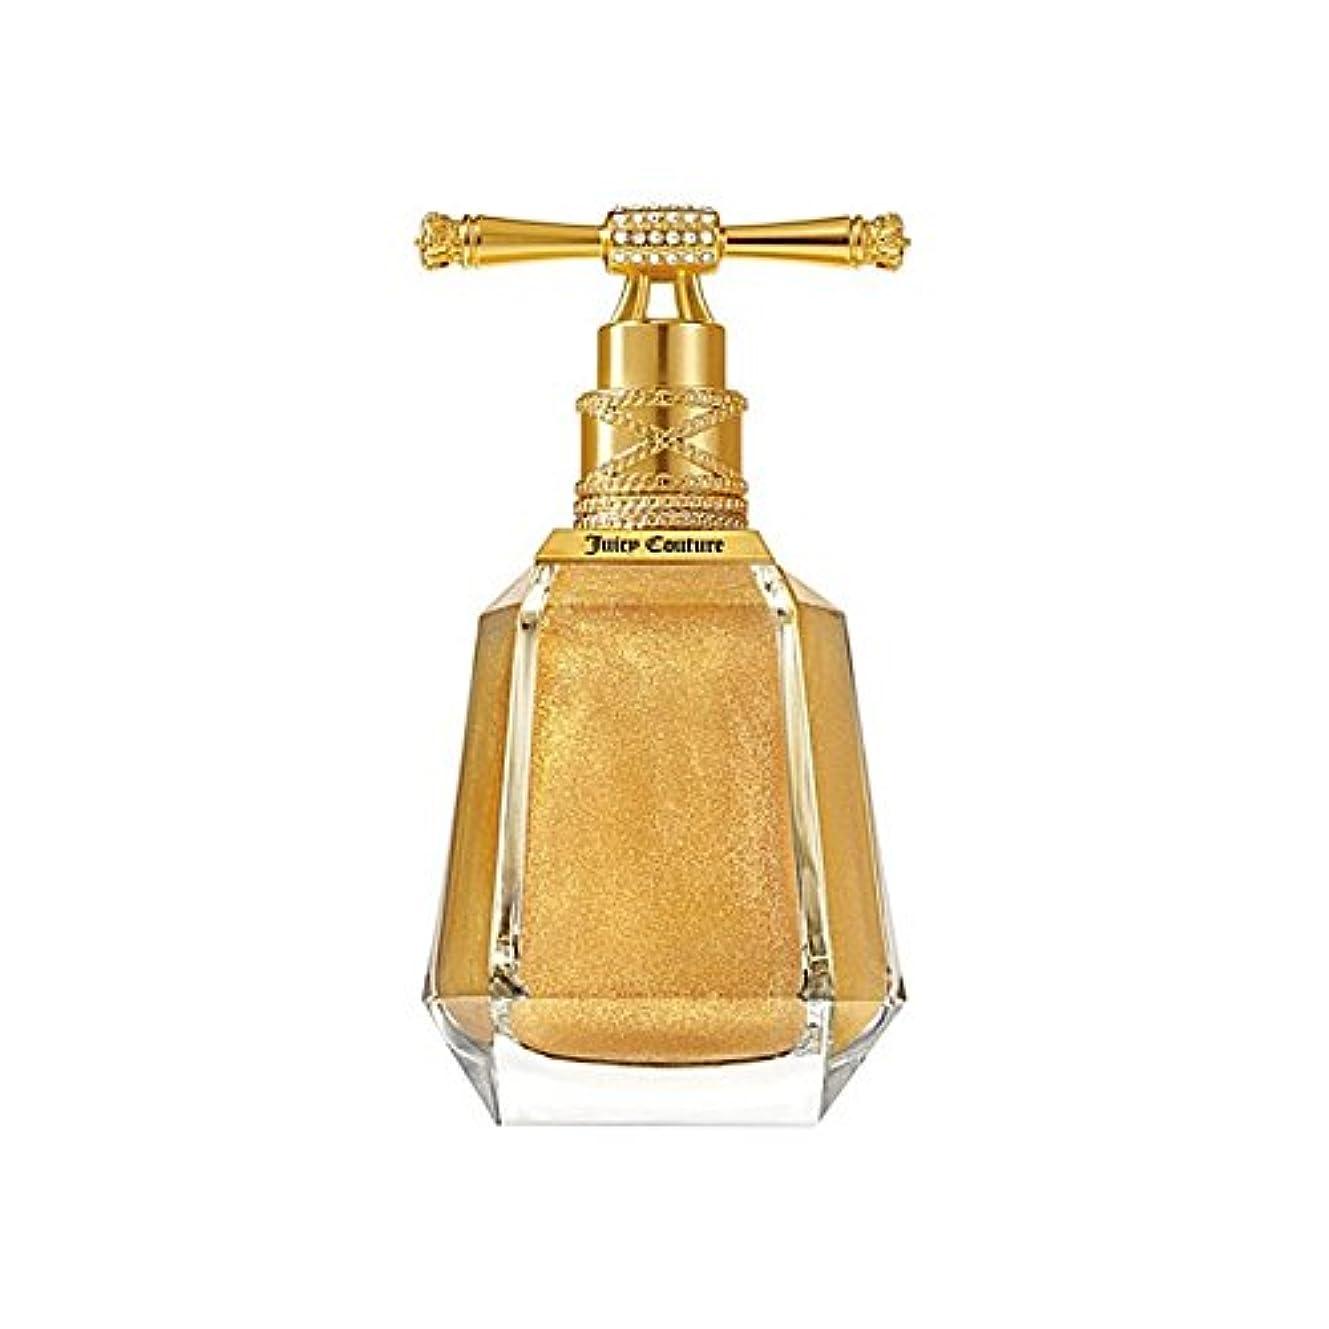 甘味研究ガラガラジューシークチュールドライオイルきらめきミスト100ミリリットル x4 - Juicy Couture Dry Oil Shimmer Mist 100ml (Pack of 4) [並行輸入品]